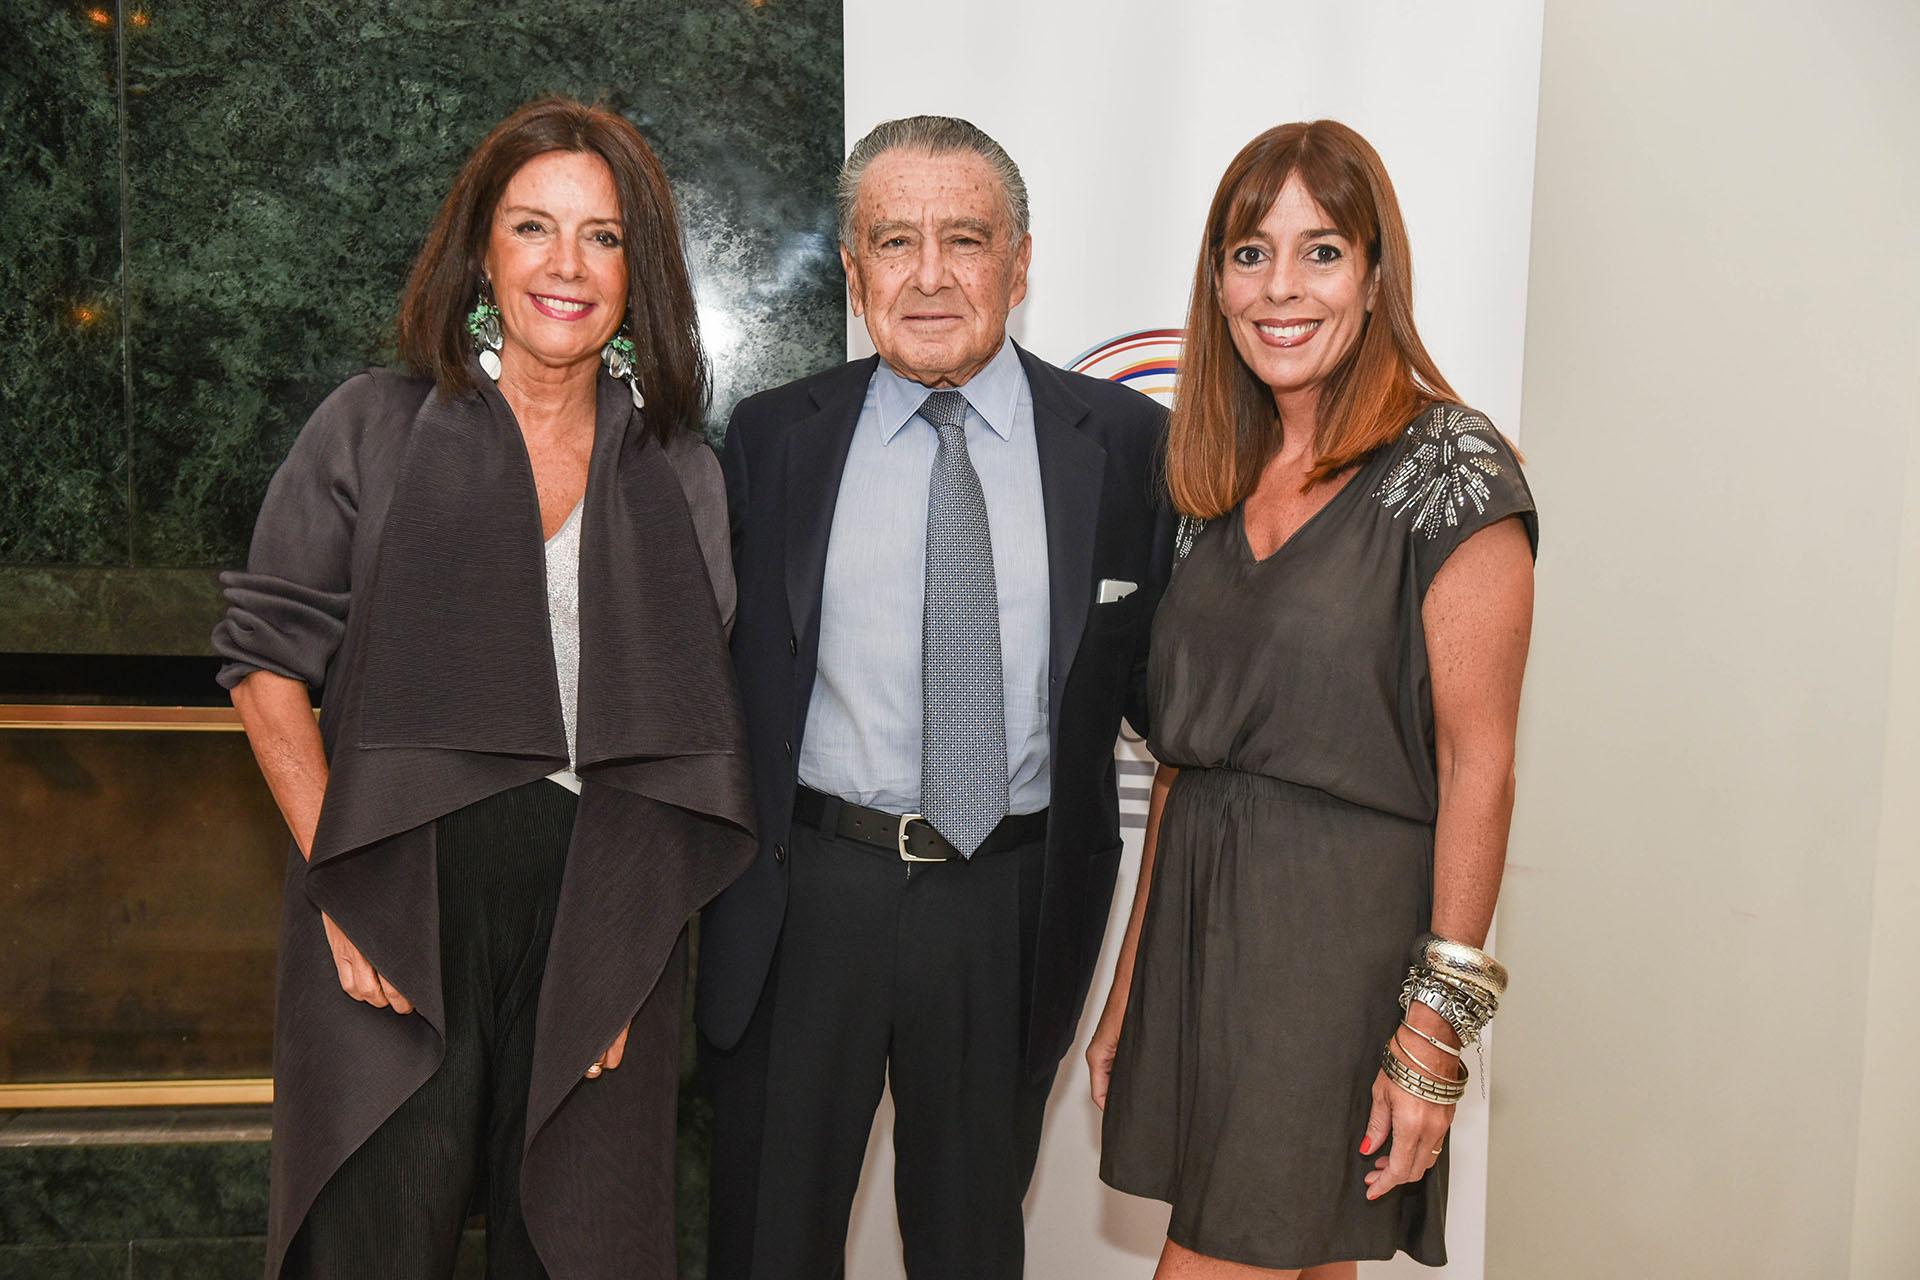 Carolina Barros (directora de comunicaciones de Corporación América), Eduardo Eurnekian y Constanza Roulet (Corporación América)